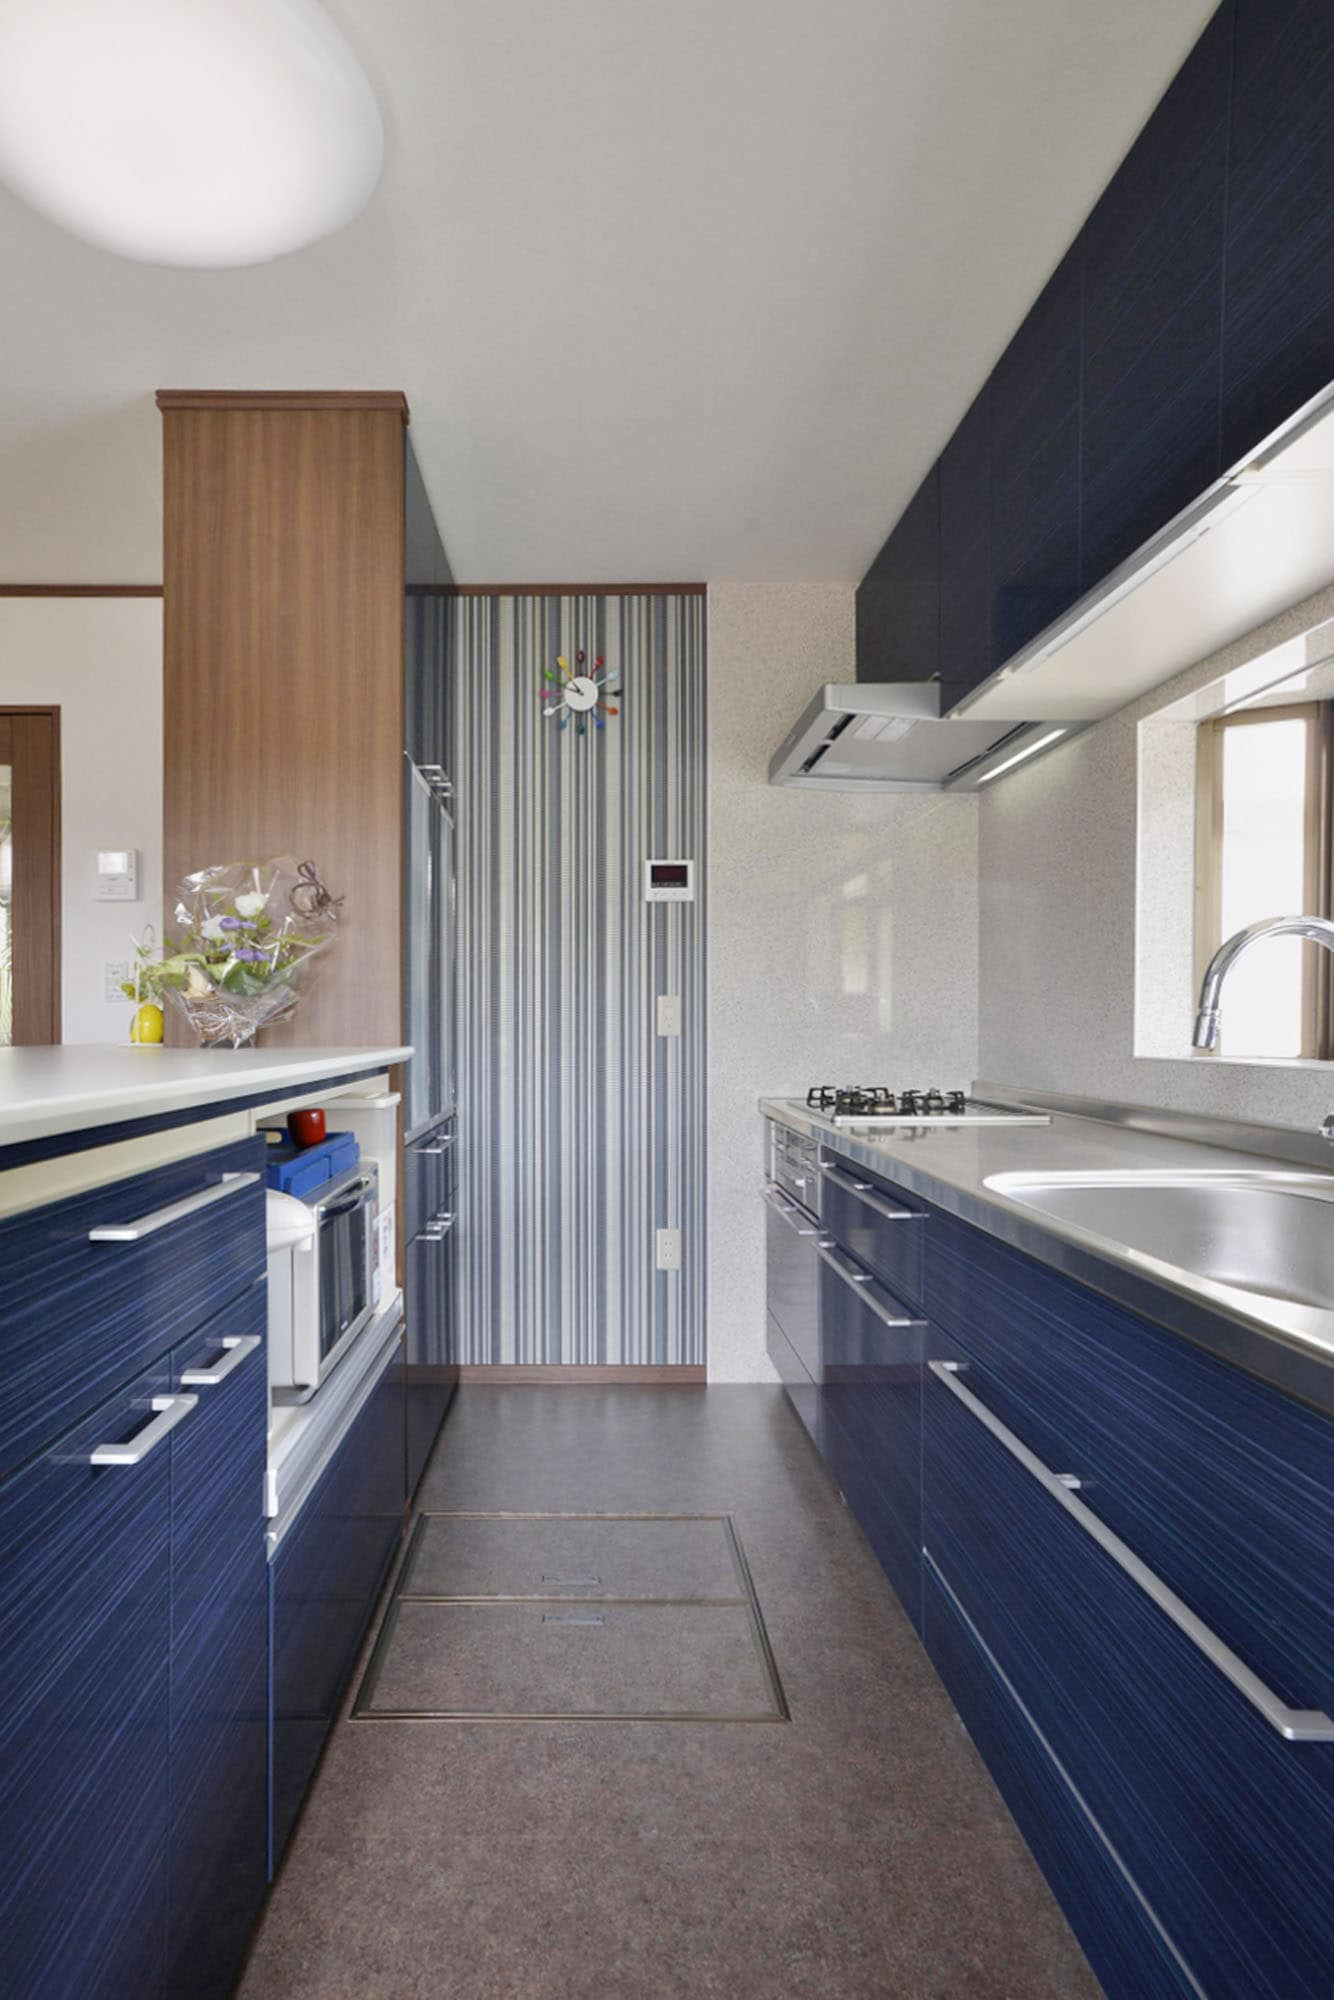 ラピスブルーのキッチン。の写真